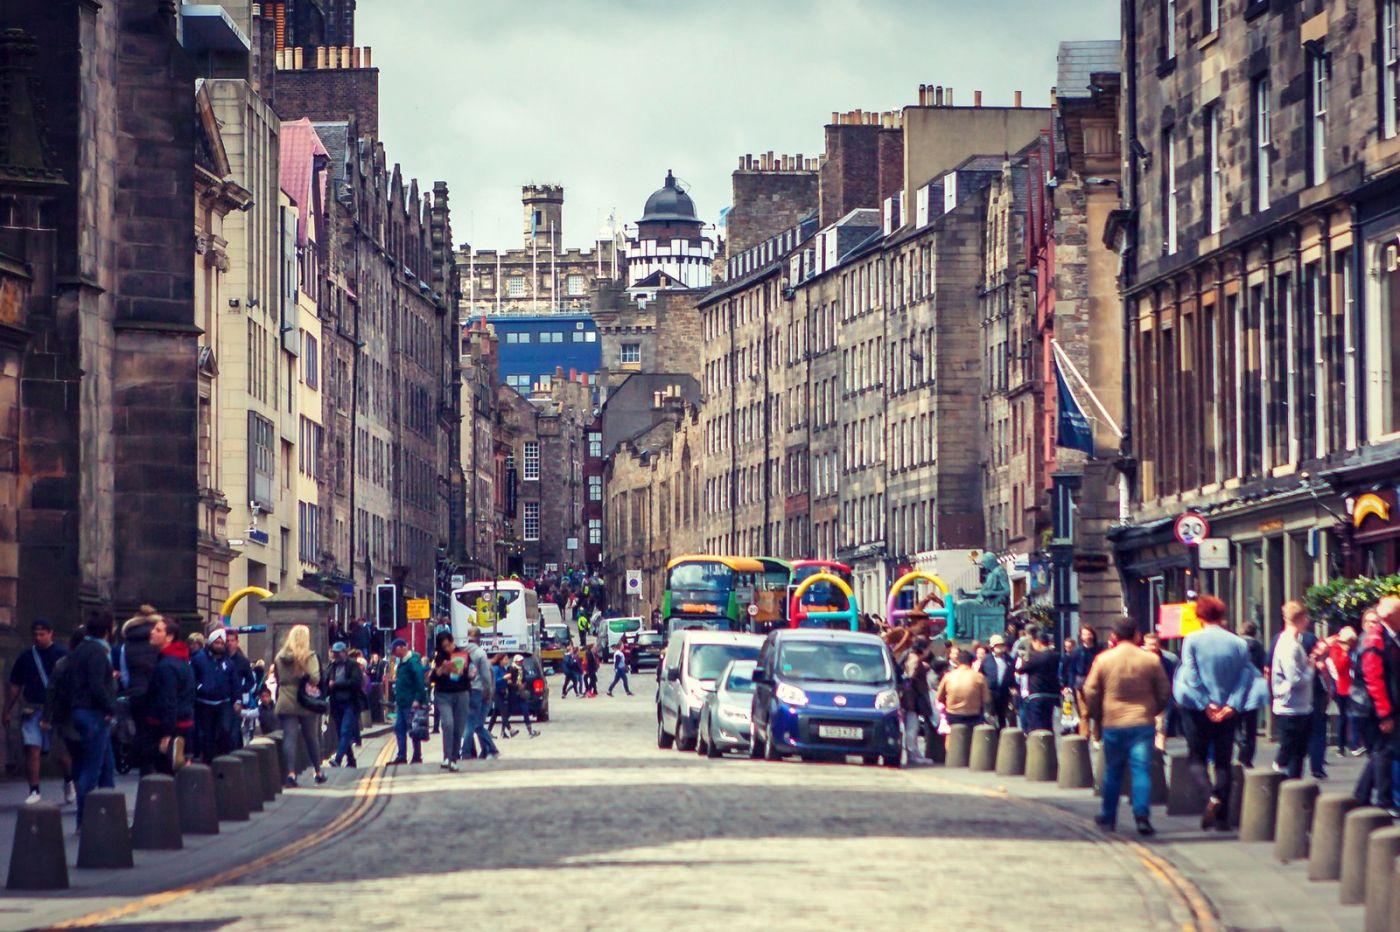 苏格兰爱丁堡,老城市老文化_图1-30